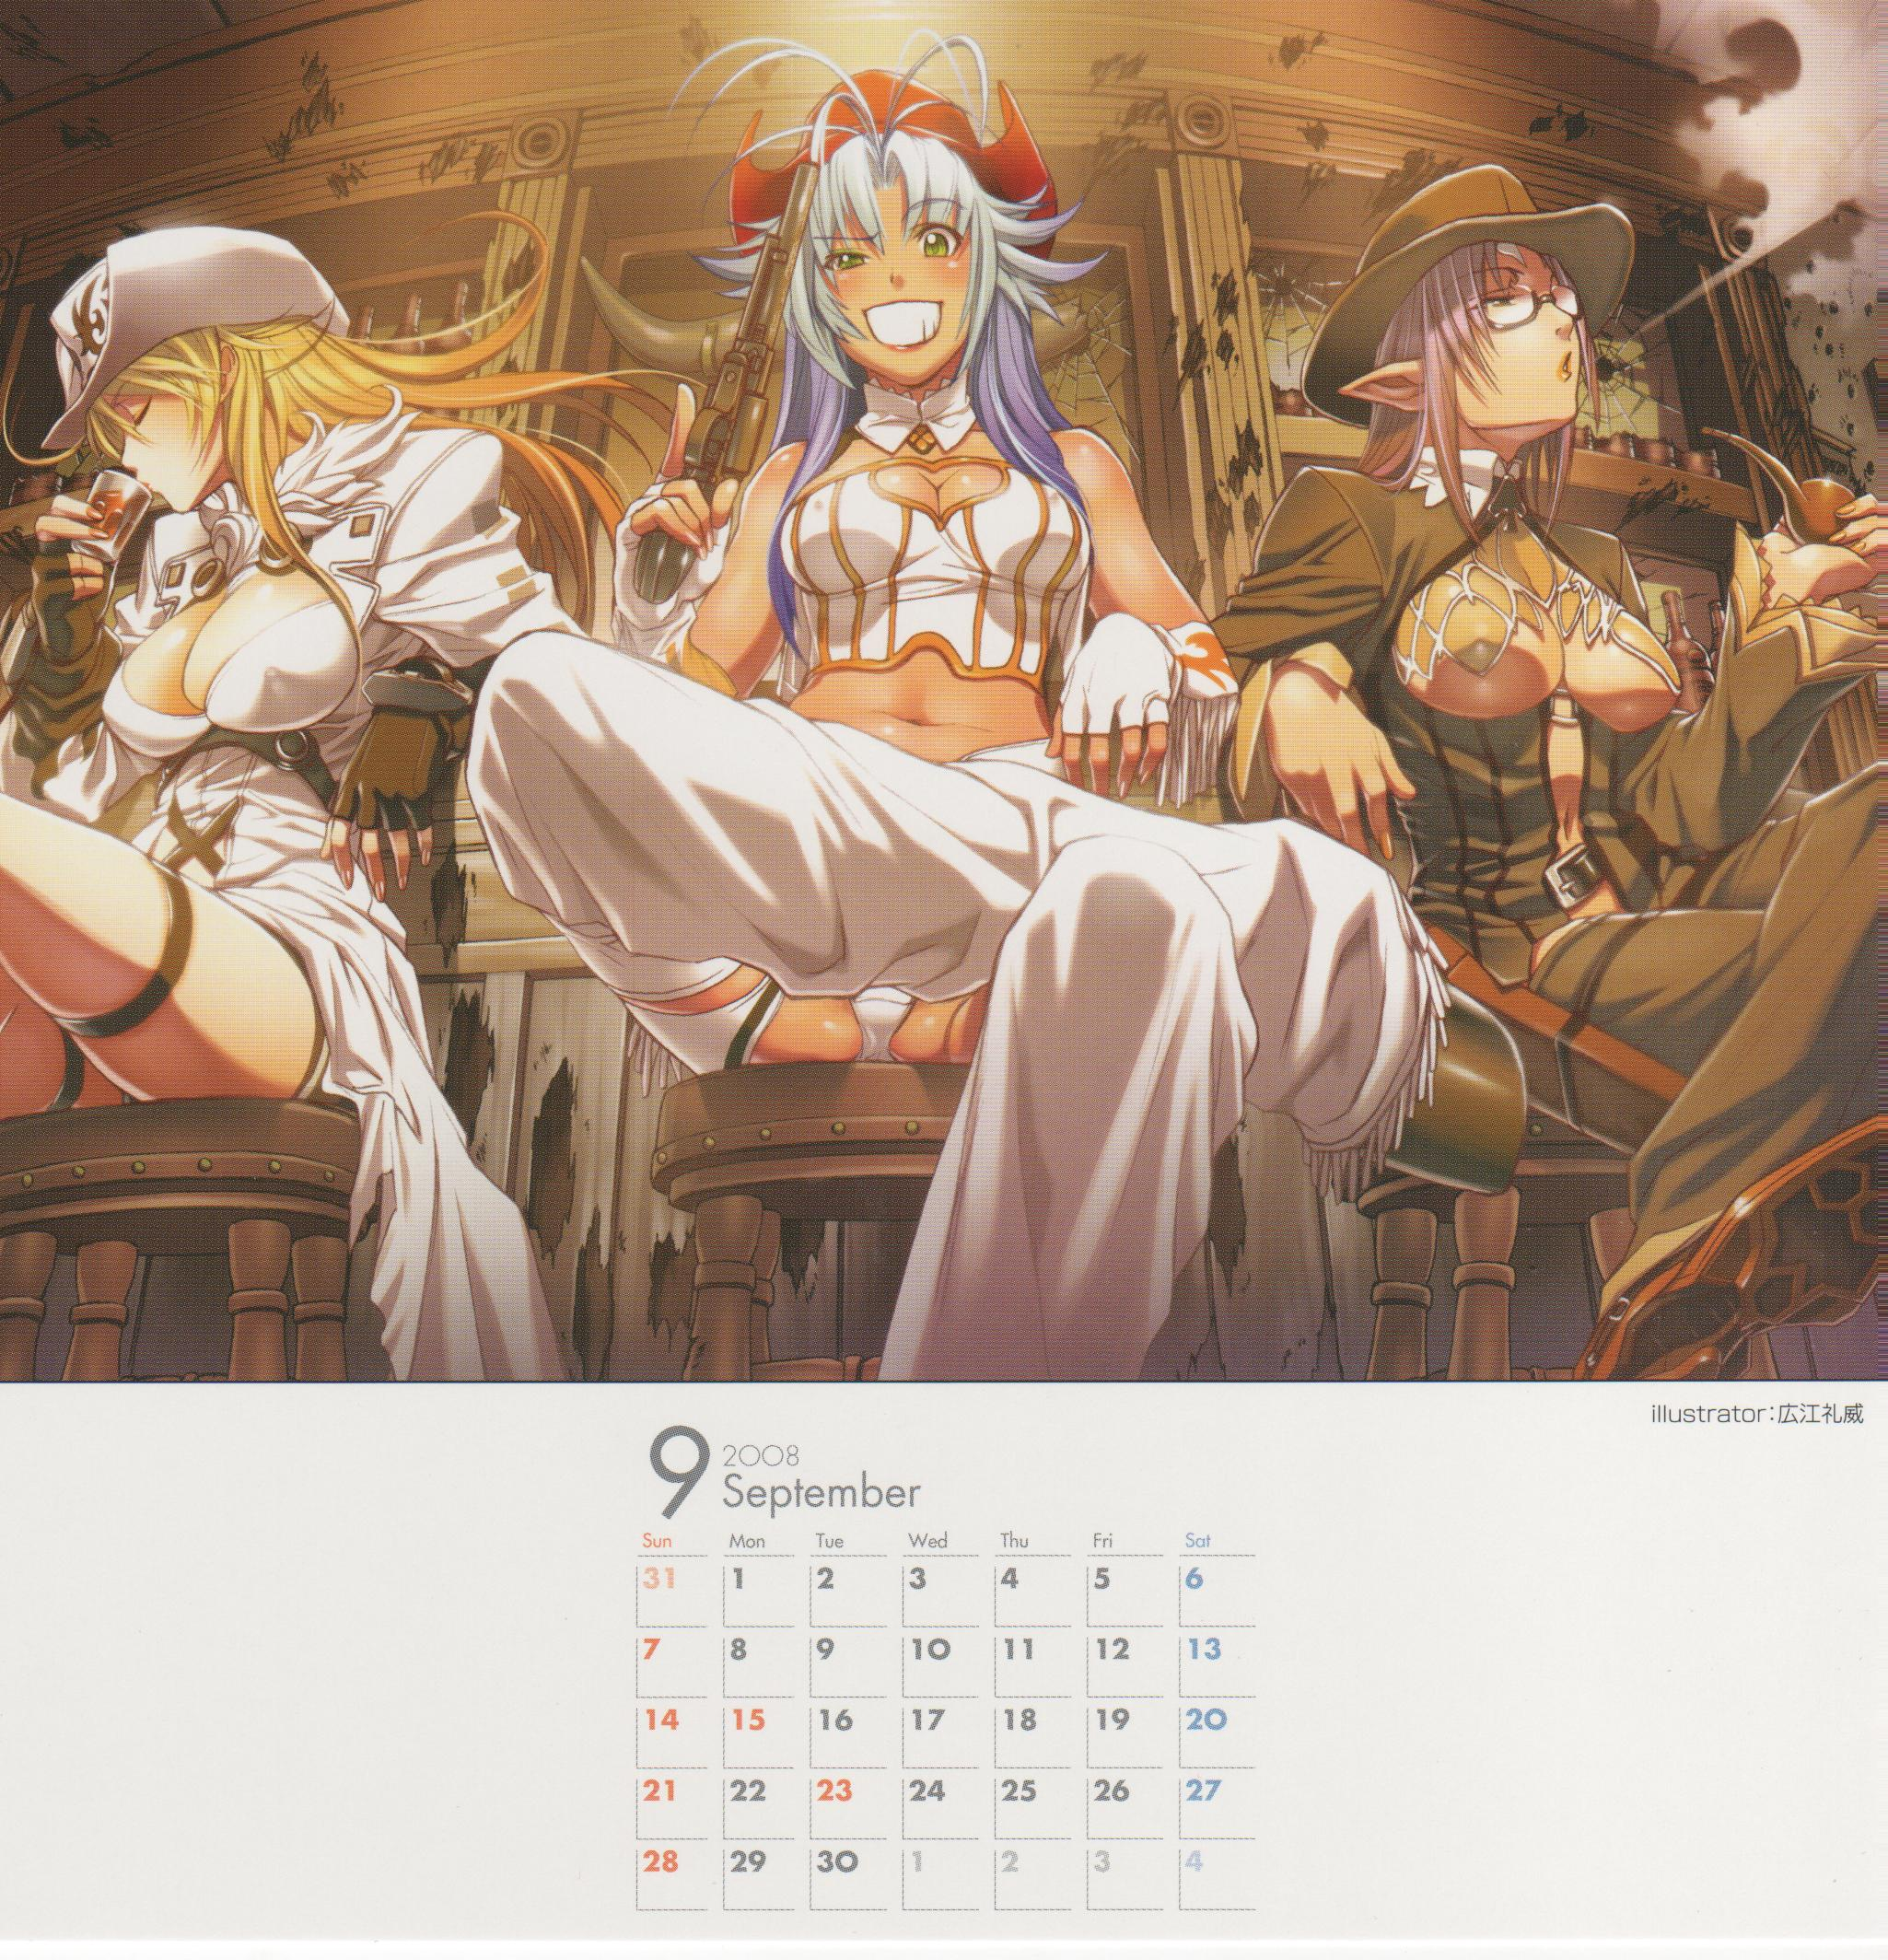 Tags: Calendar (Source), Nitro+, Hiroe Rei, Zoku Satsuriku no Django ~Jigoku no Shoukinkubi~, Donne Anonime, Lily Salvatana, Franco Il Nero, Calendar 2008, 2008 Nitro+ Calendar